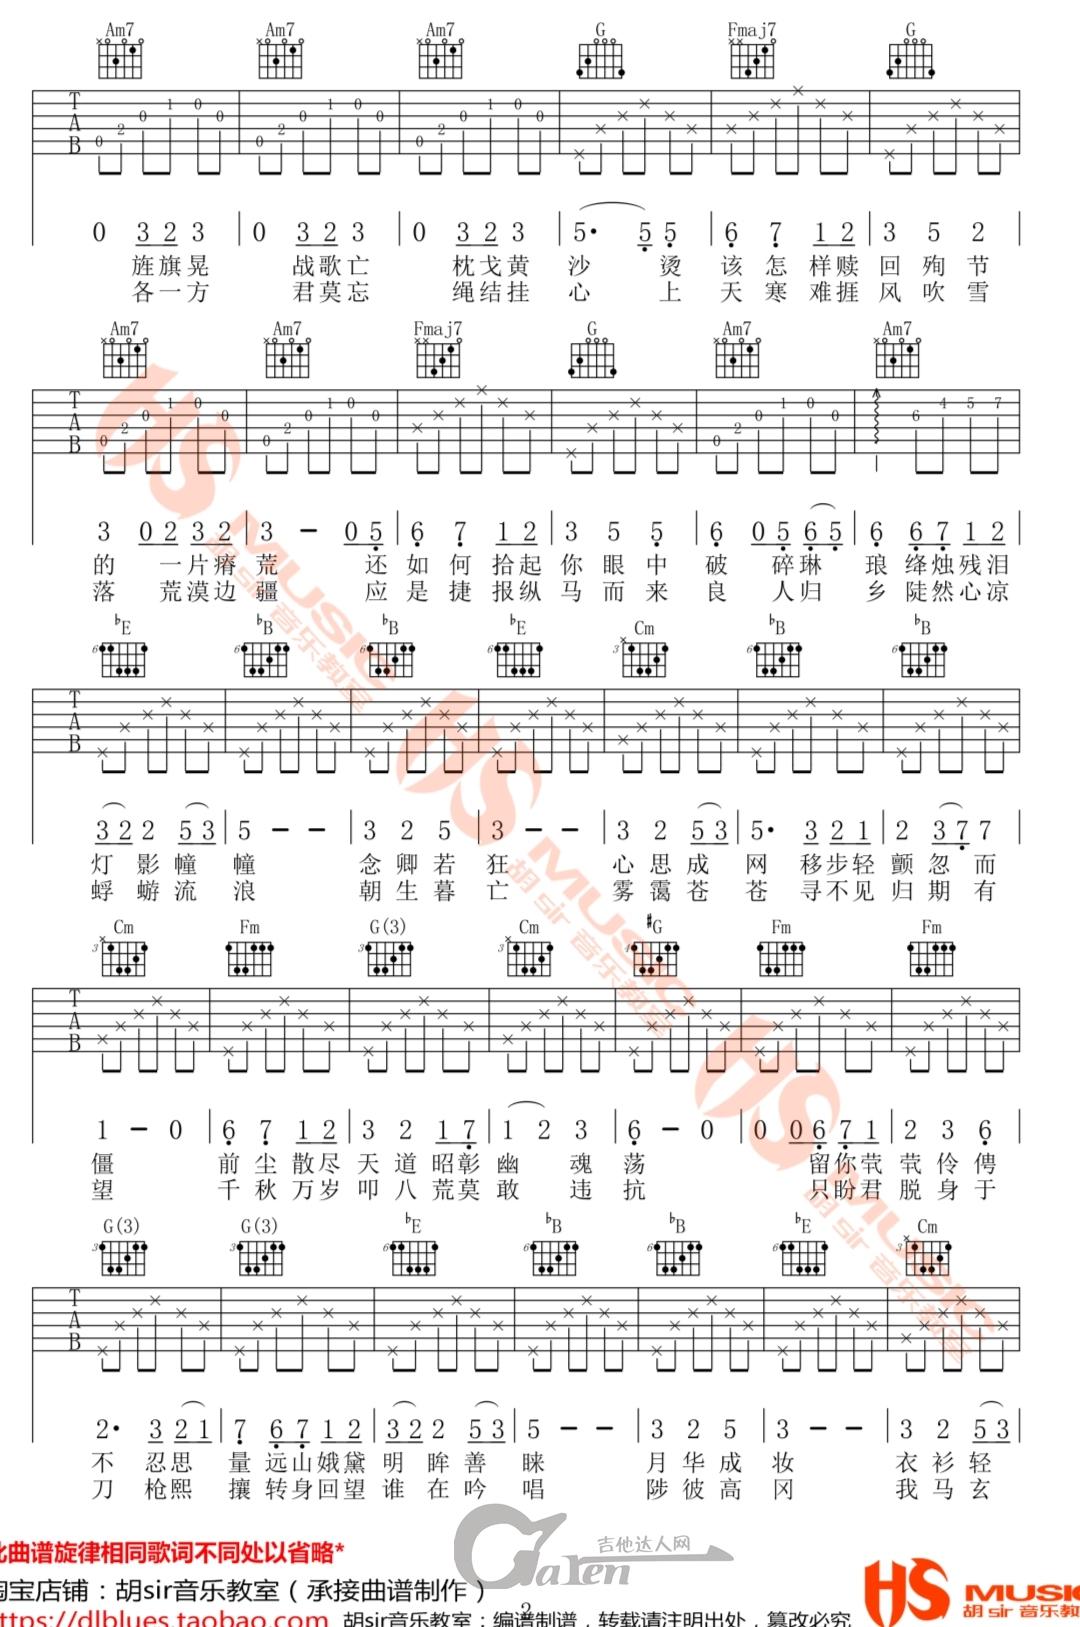 双笙《月出》 C调吉他谱_吉他教学视频_吉他达人网